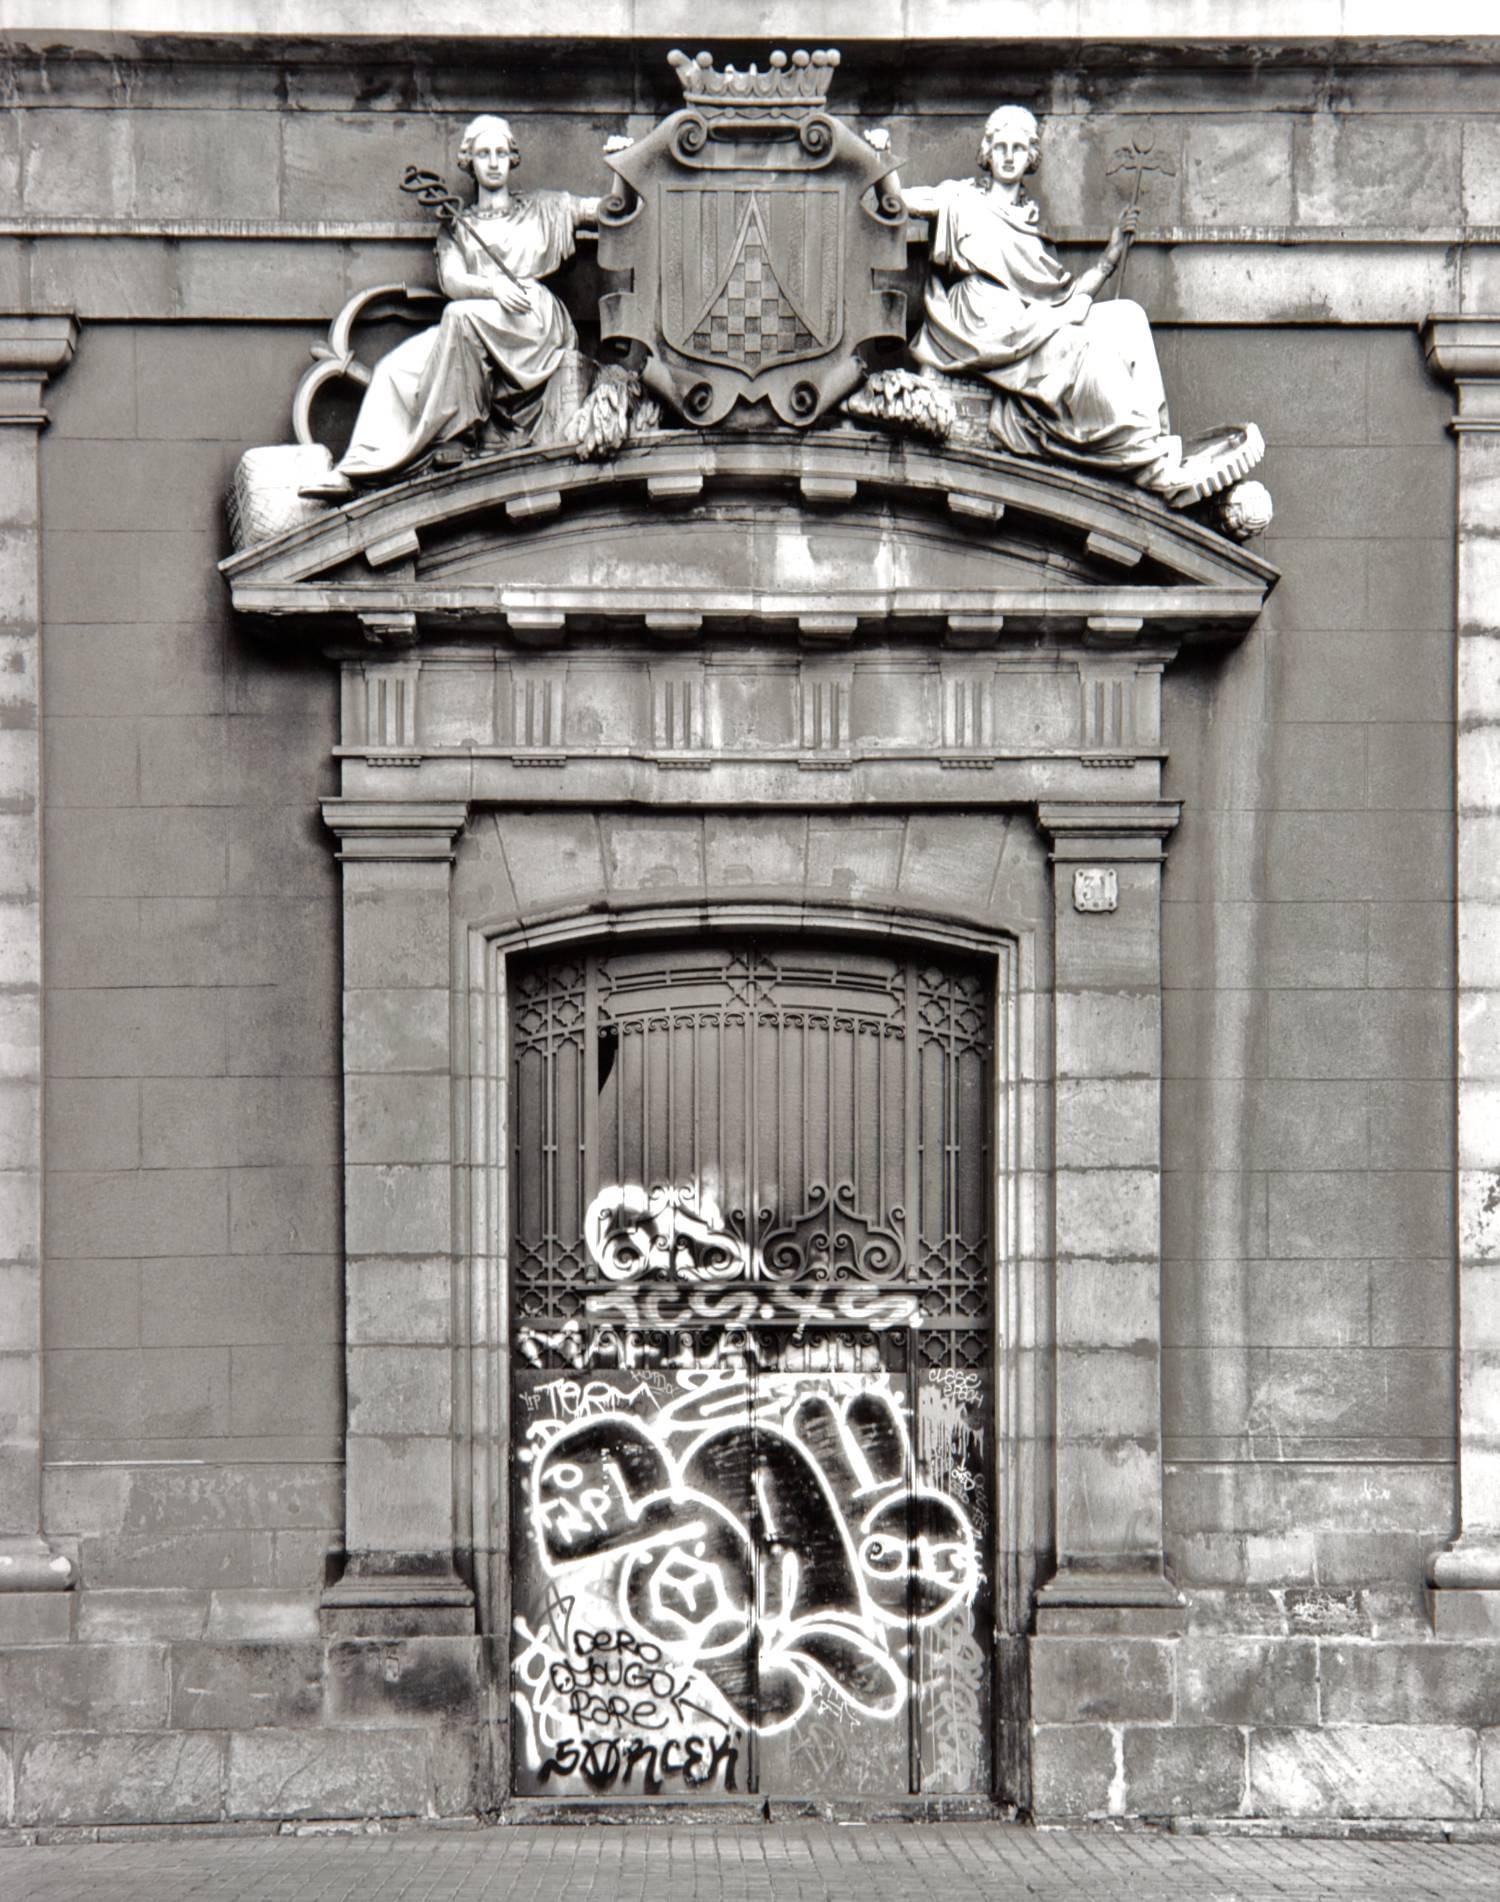 Art in Barcelona (Spain)